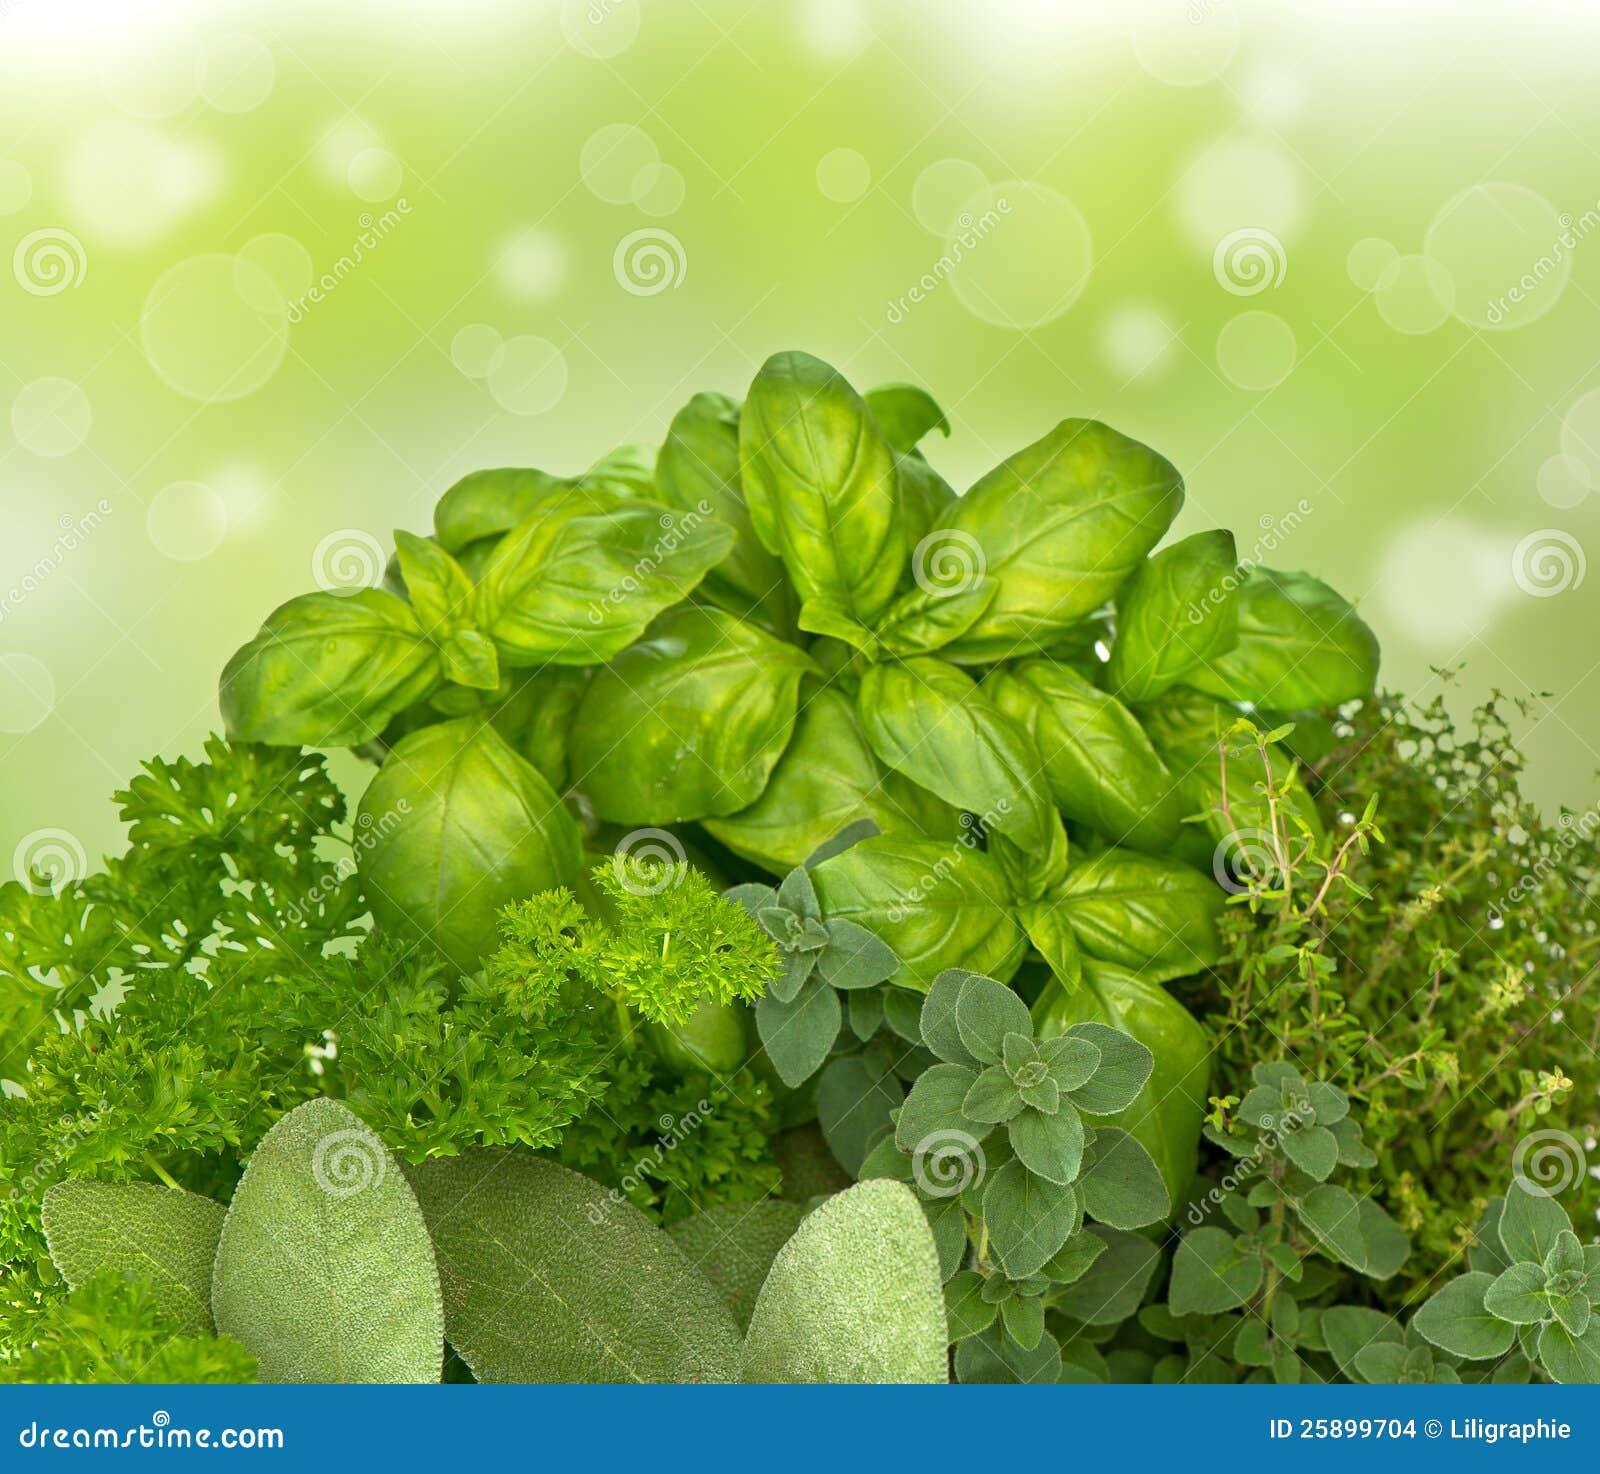 Nya kökörtar på blured grön bakgrund